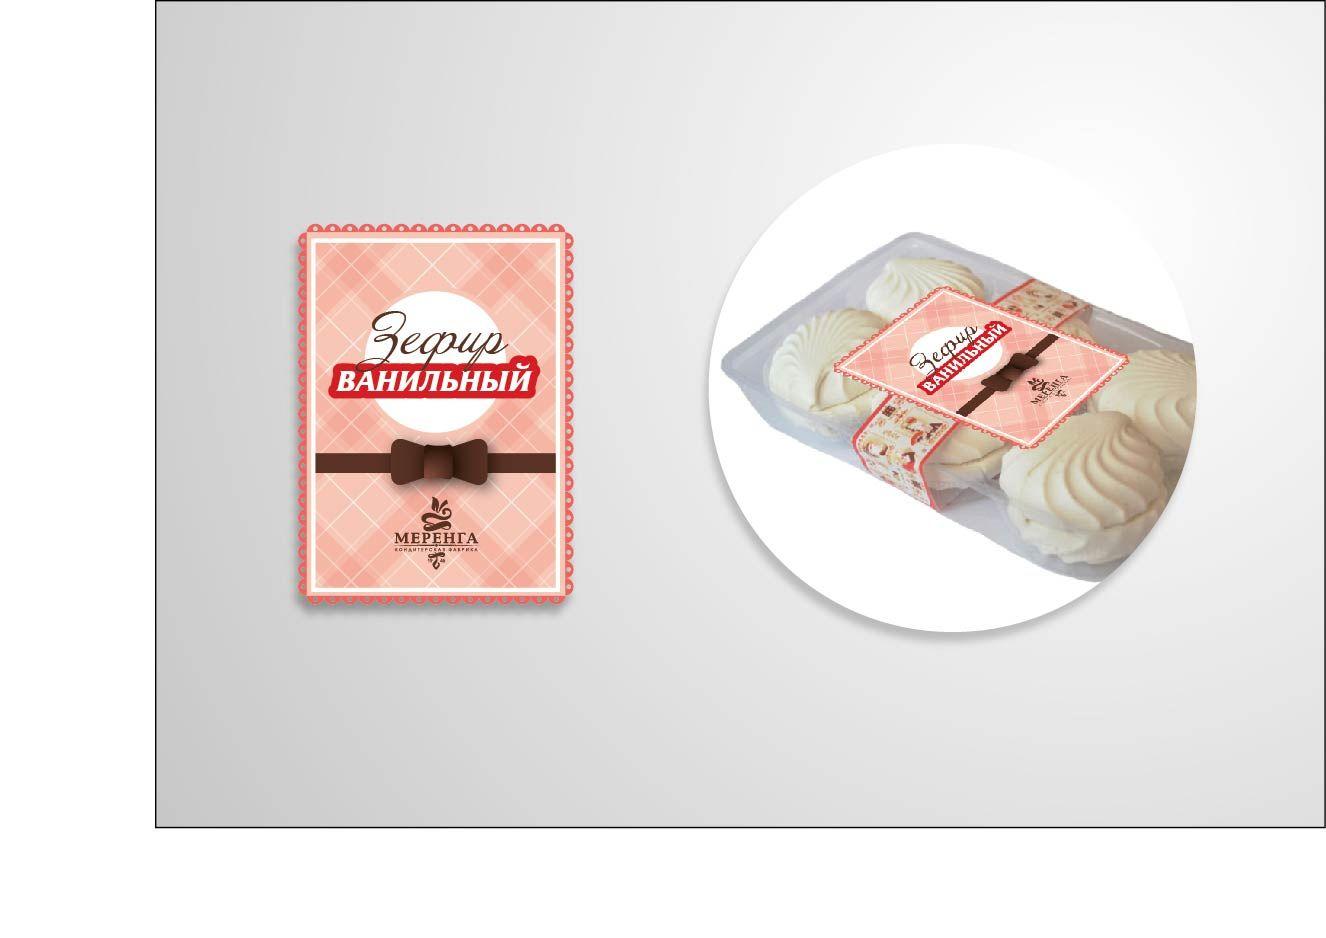 Этикетка для Зефира ванильного - дизайнер uchagina